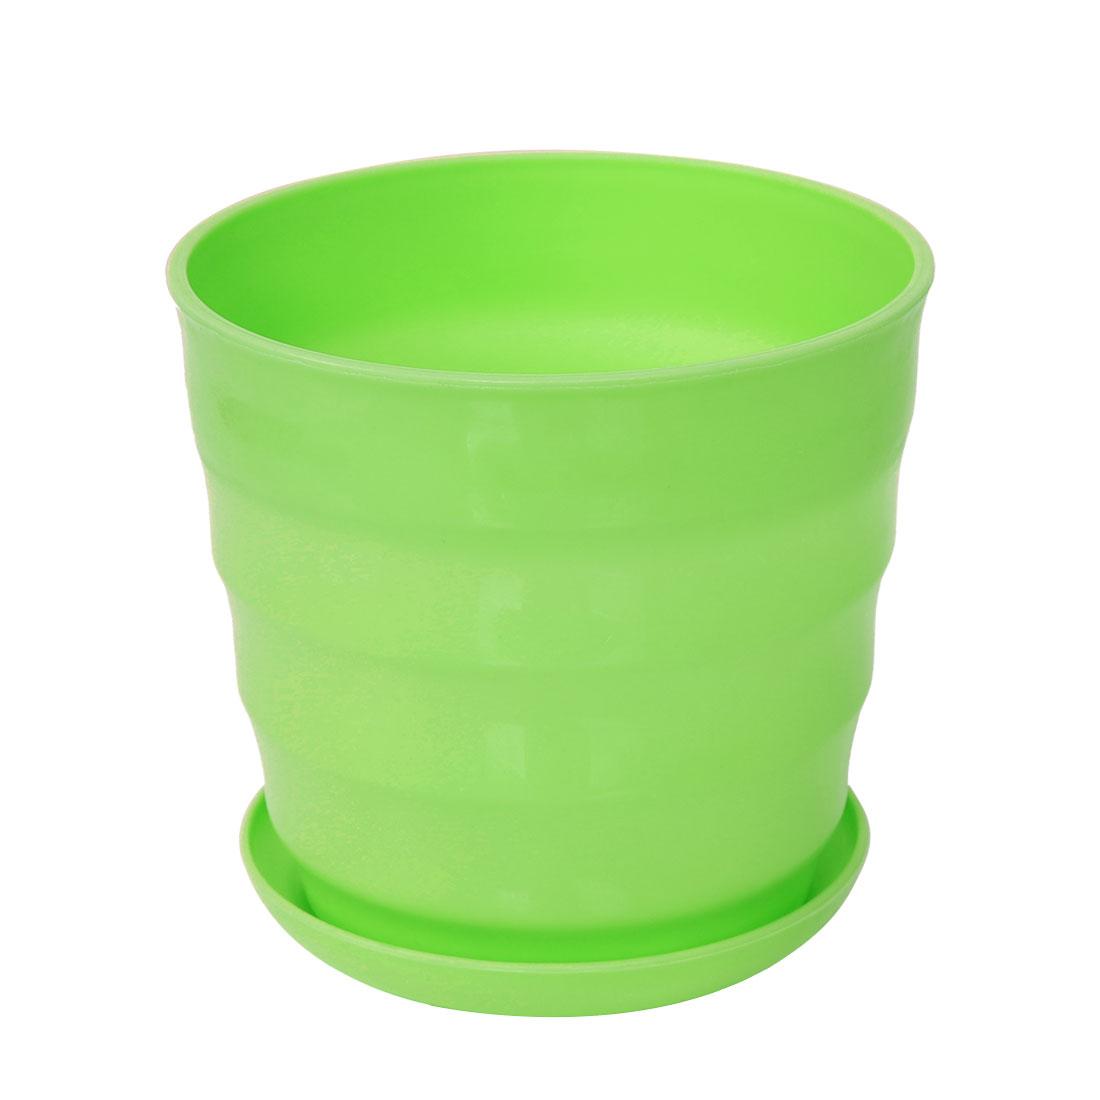 Home Garden Office Plastic Round Plant Planter Holder Flower Pot Green 13cm Dia